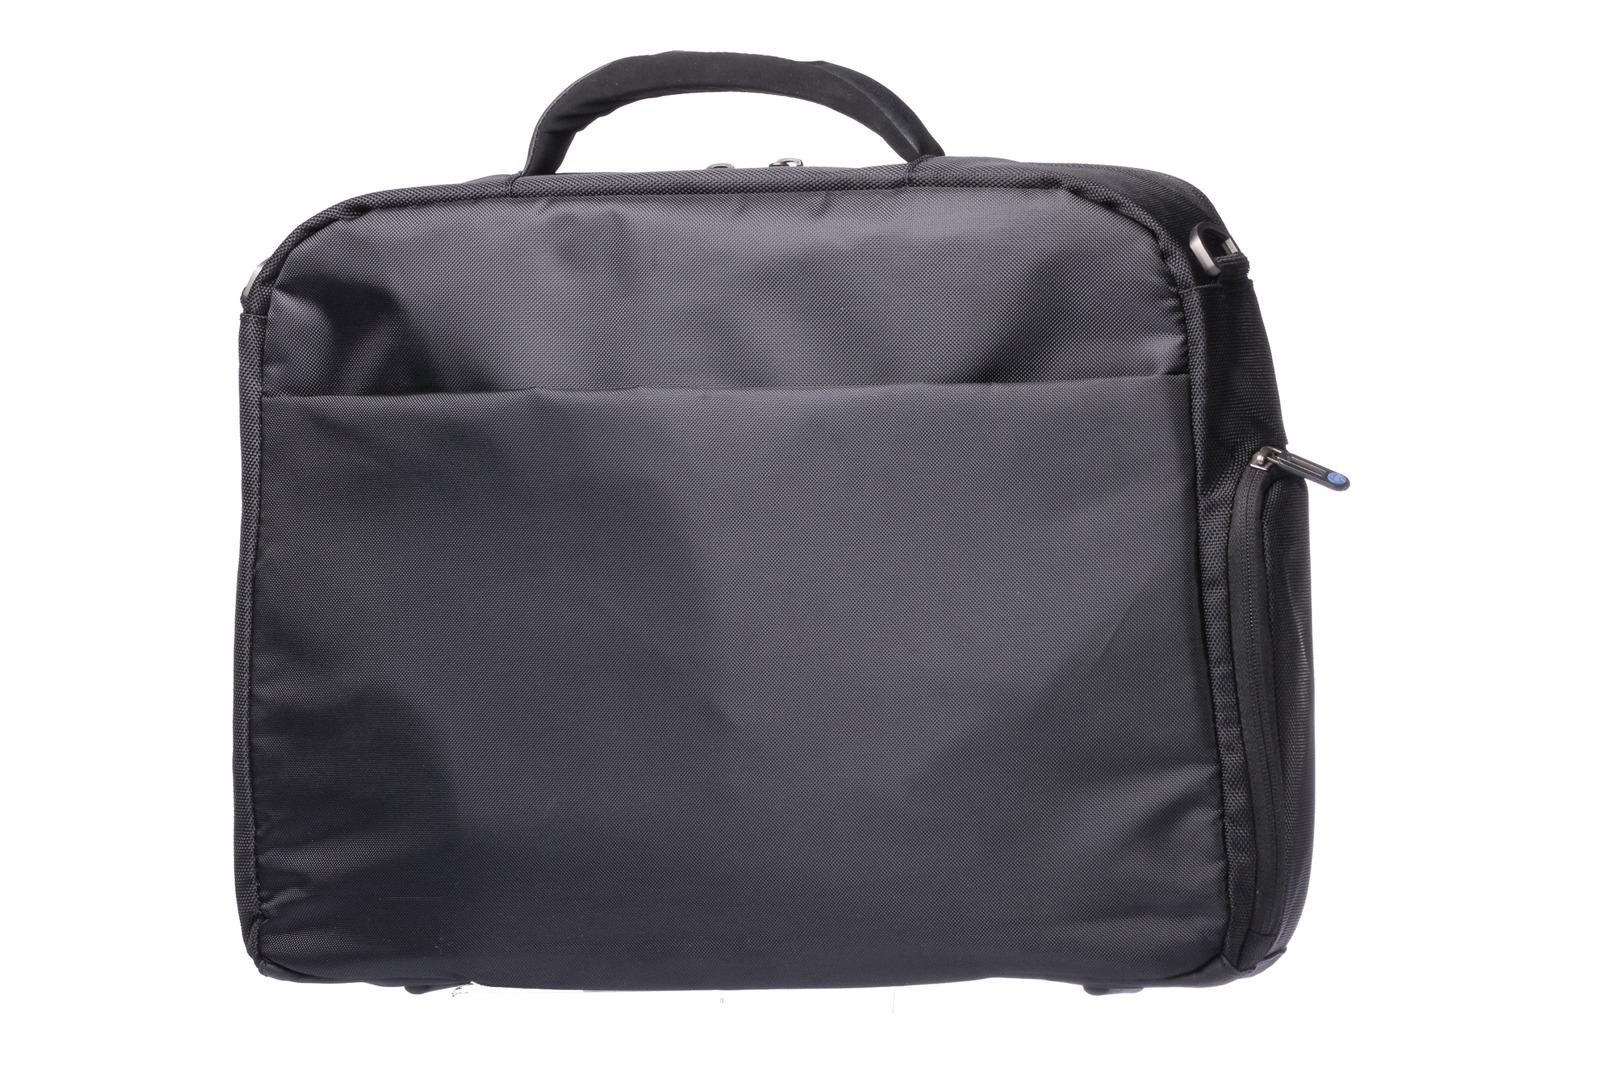 HP Professional Slim Top Load 17.3 Laptop Bag 592923-001